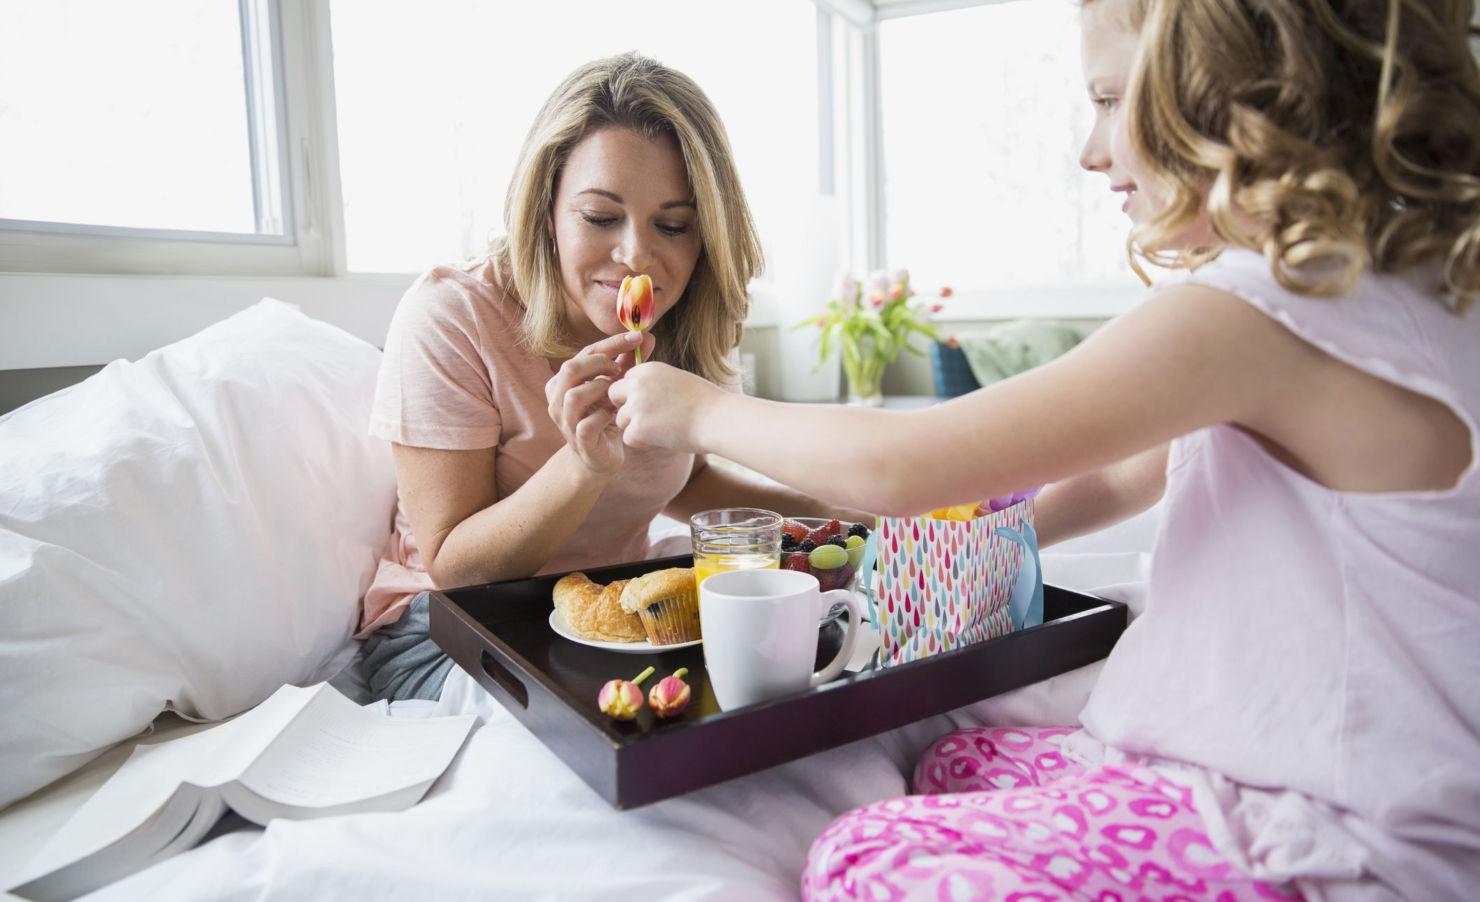 Sorprende a mamá con este pan francés relleno de frambuesas